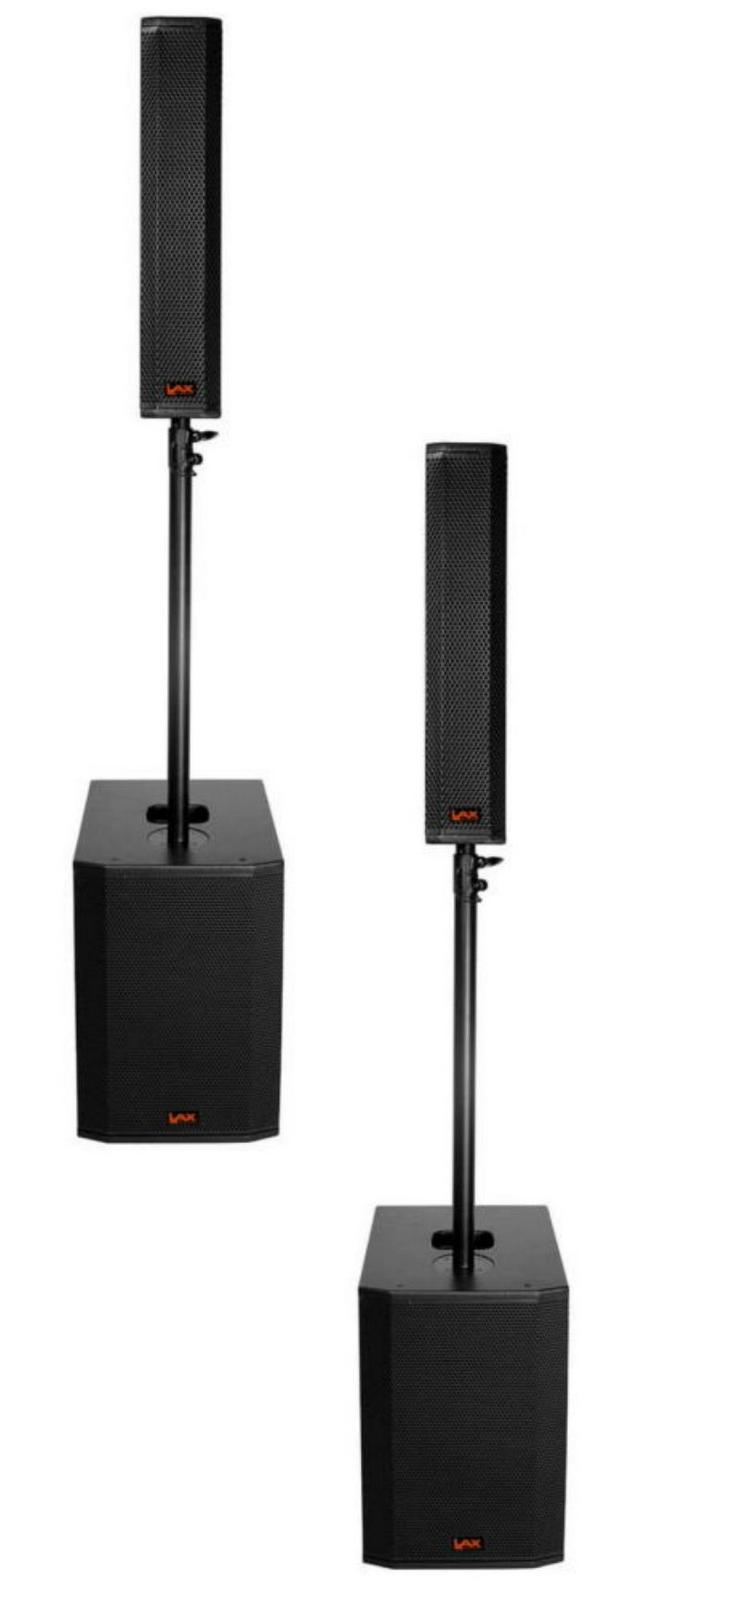 """LAX AGILI-T Pro Kompaktpaket bestehend aus zwei 12"""" Bässen und zwei 4x4"""" Tops"""